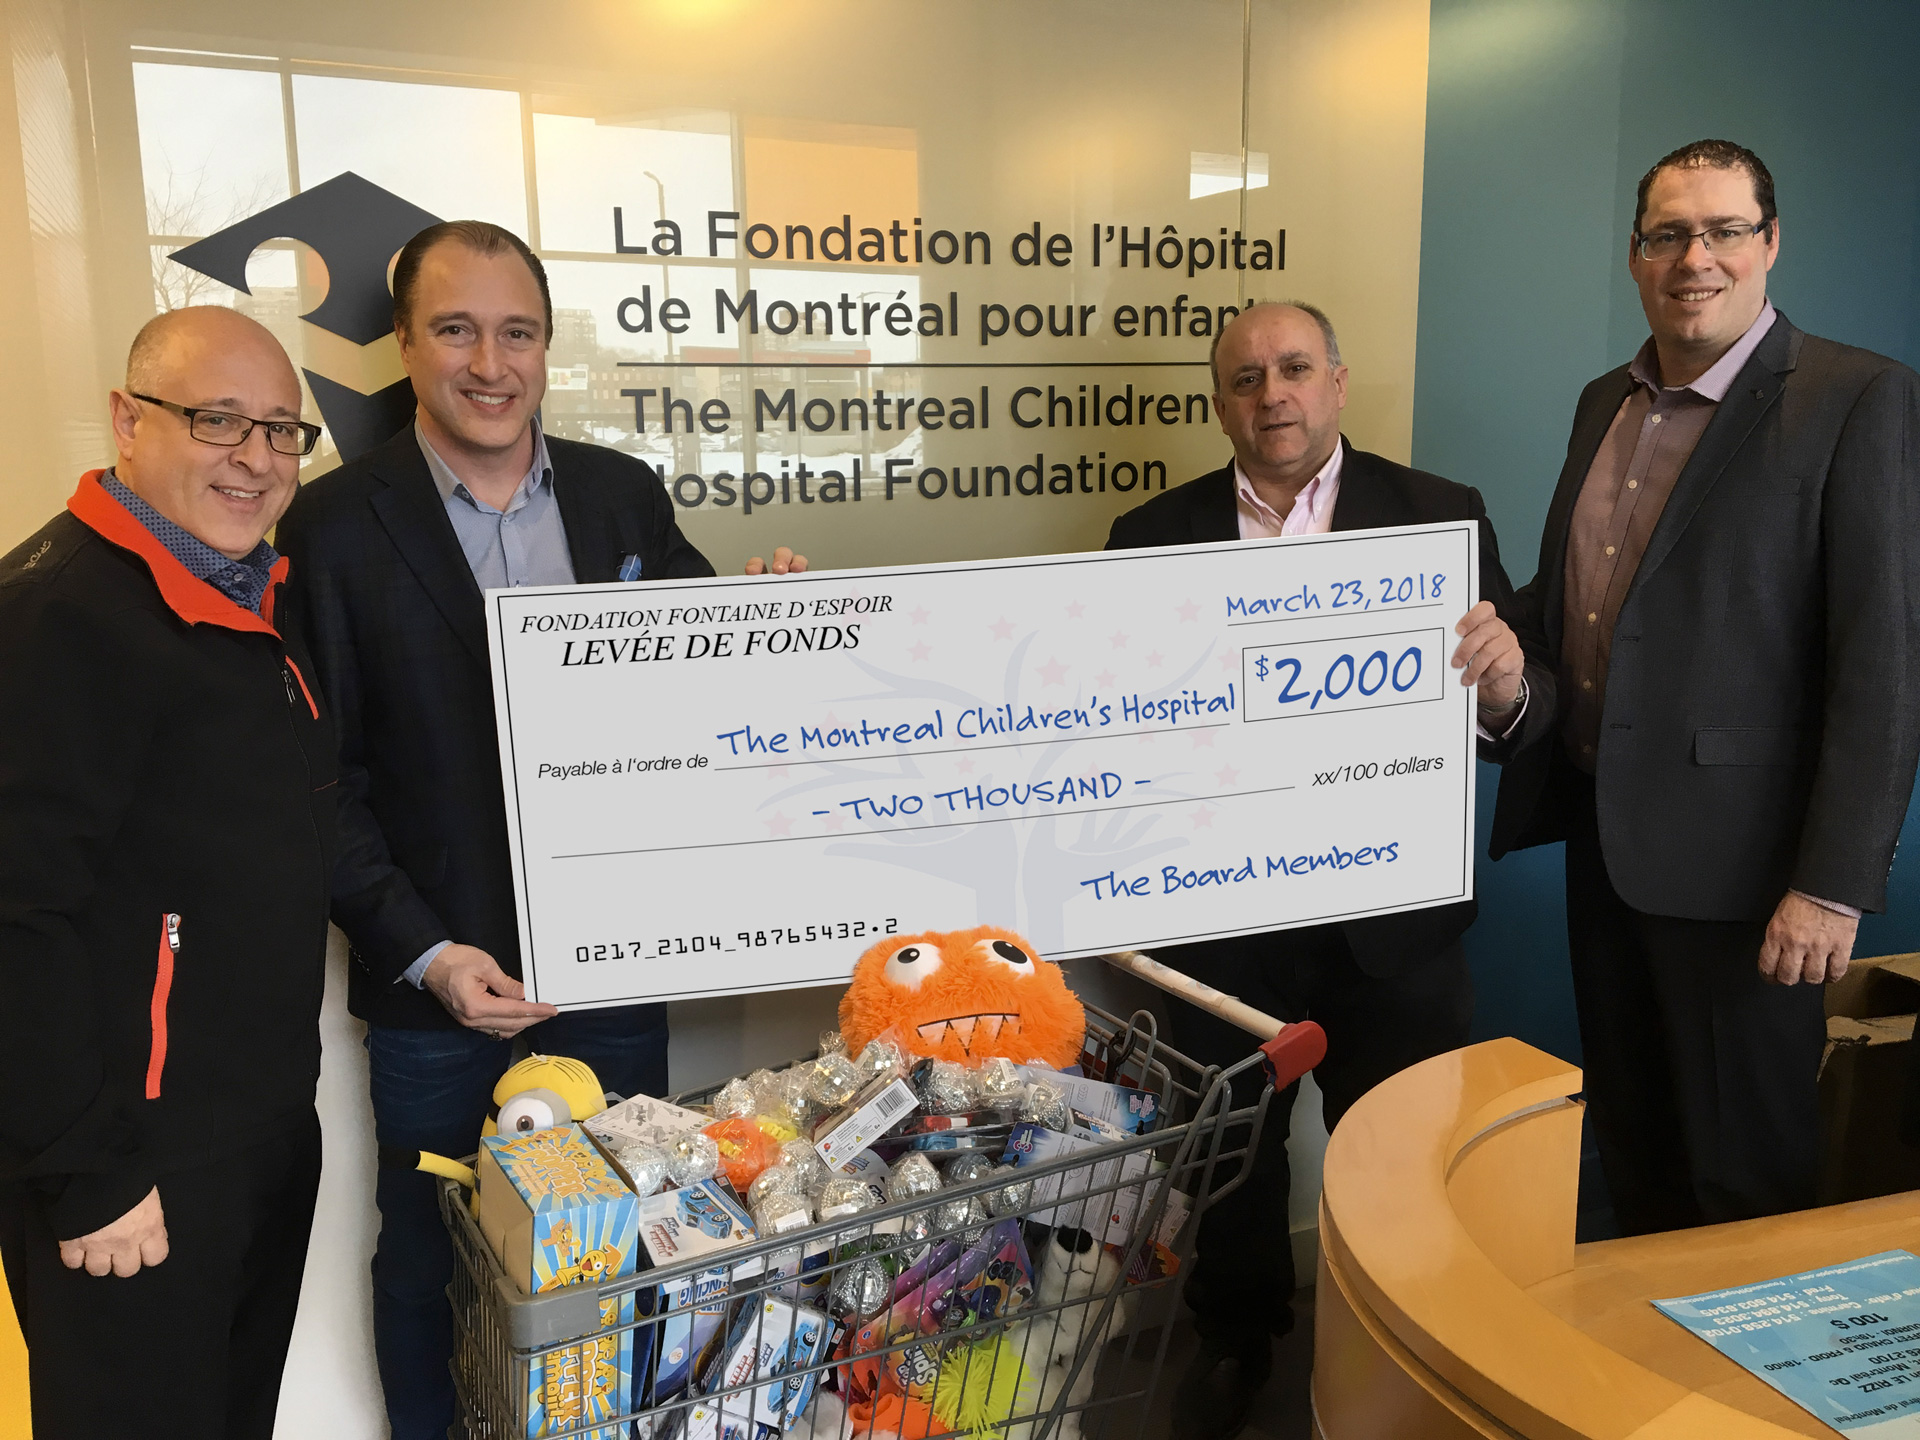 Don à La Fondation de l'Hôpital de Montréal pour enfants